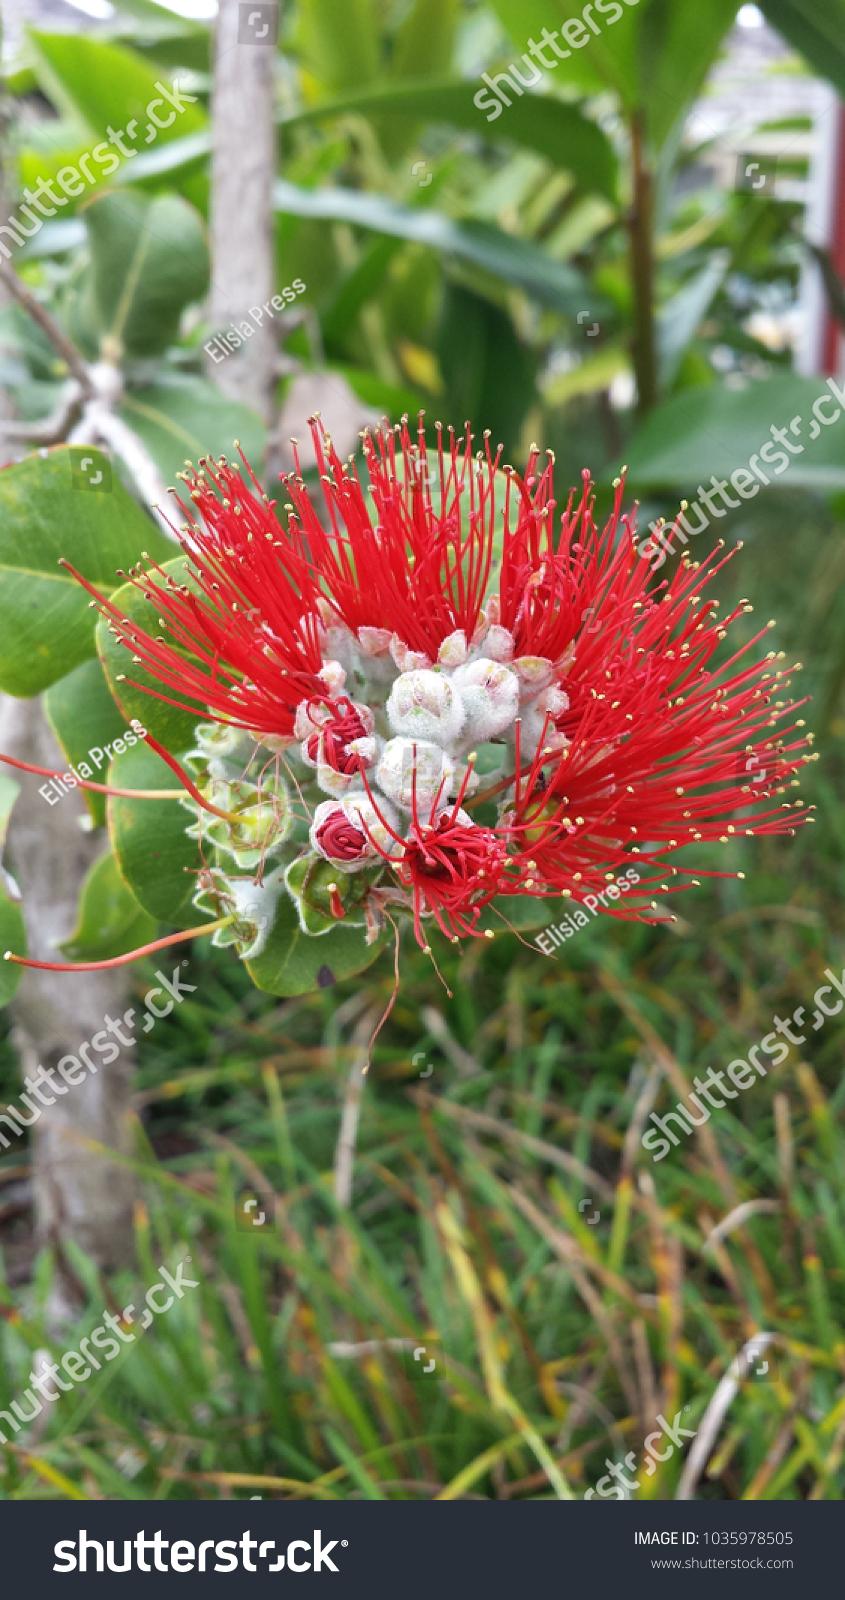 Native hawaiian ohia lehua flower blooming stock photo edit now native hawaiian ohia or lehua flower blooming izmirmasajfo